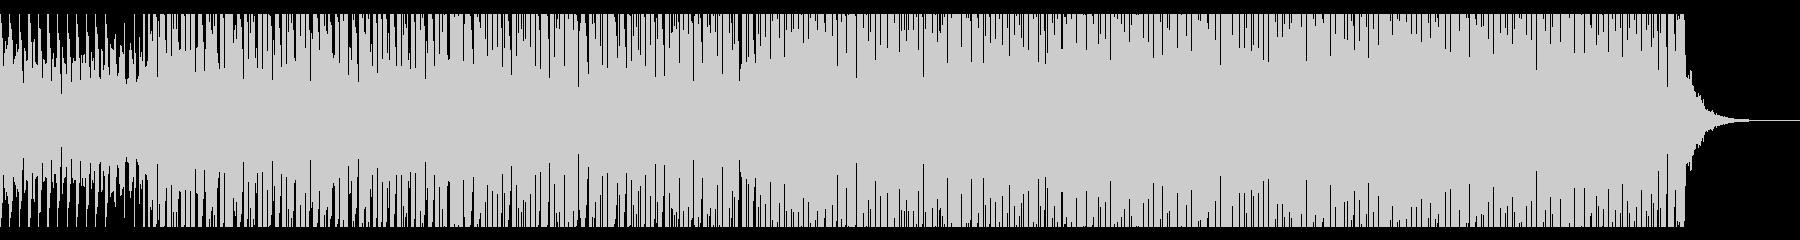 心躍るサマーポップ(90秒)の未再生の波形